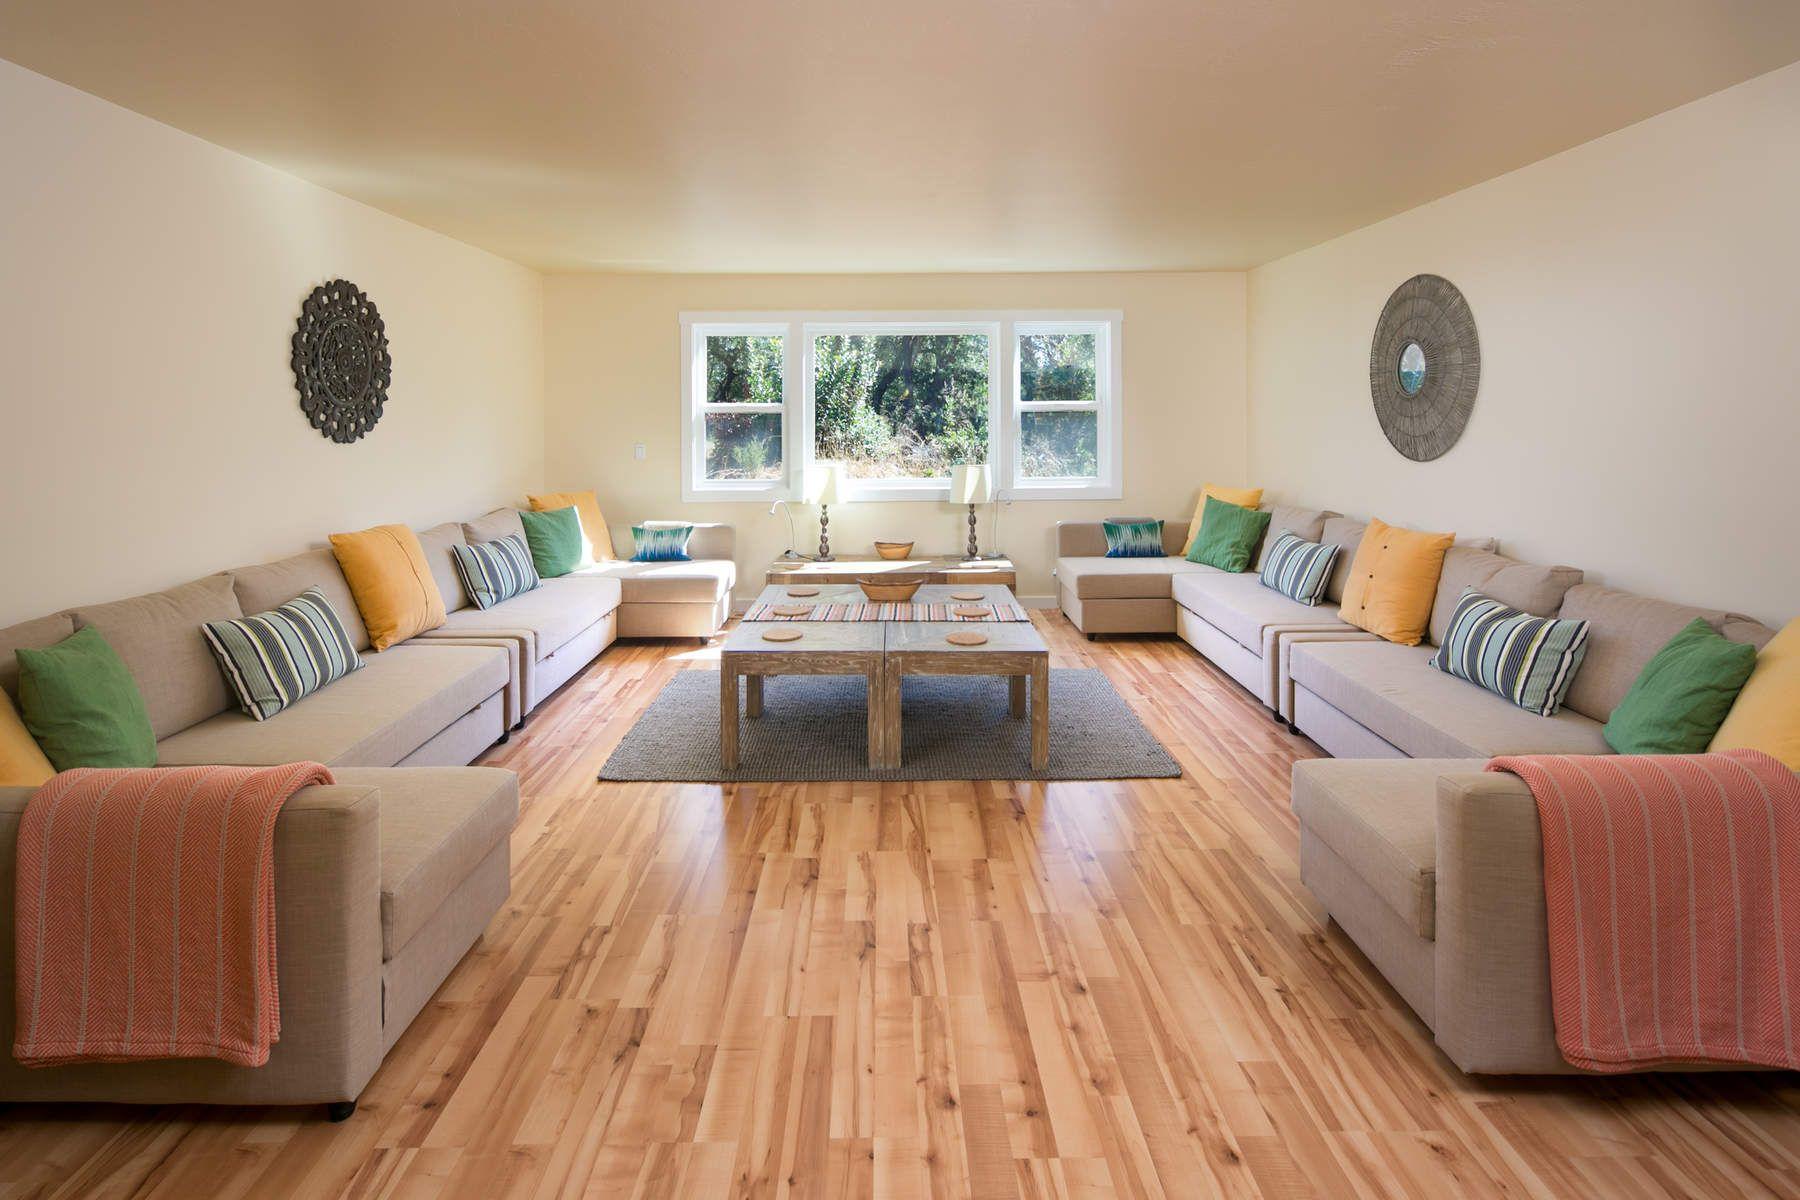 Villa per Vendita alle ore Sonoma Style Country Living 5251 Grove St, Sonoma, California, 95476 Stati Uniti